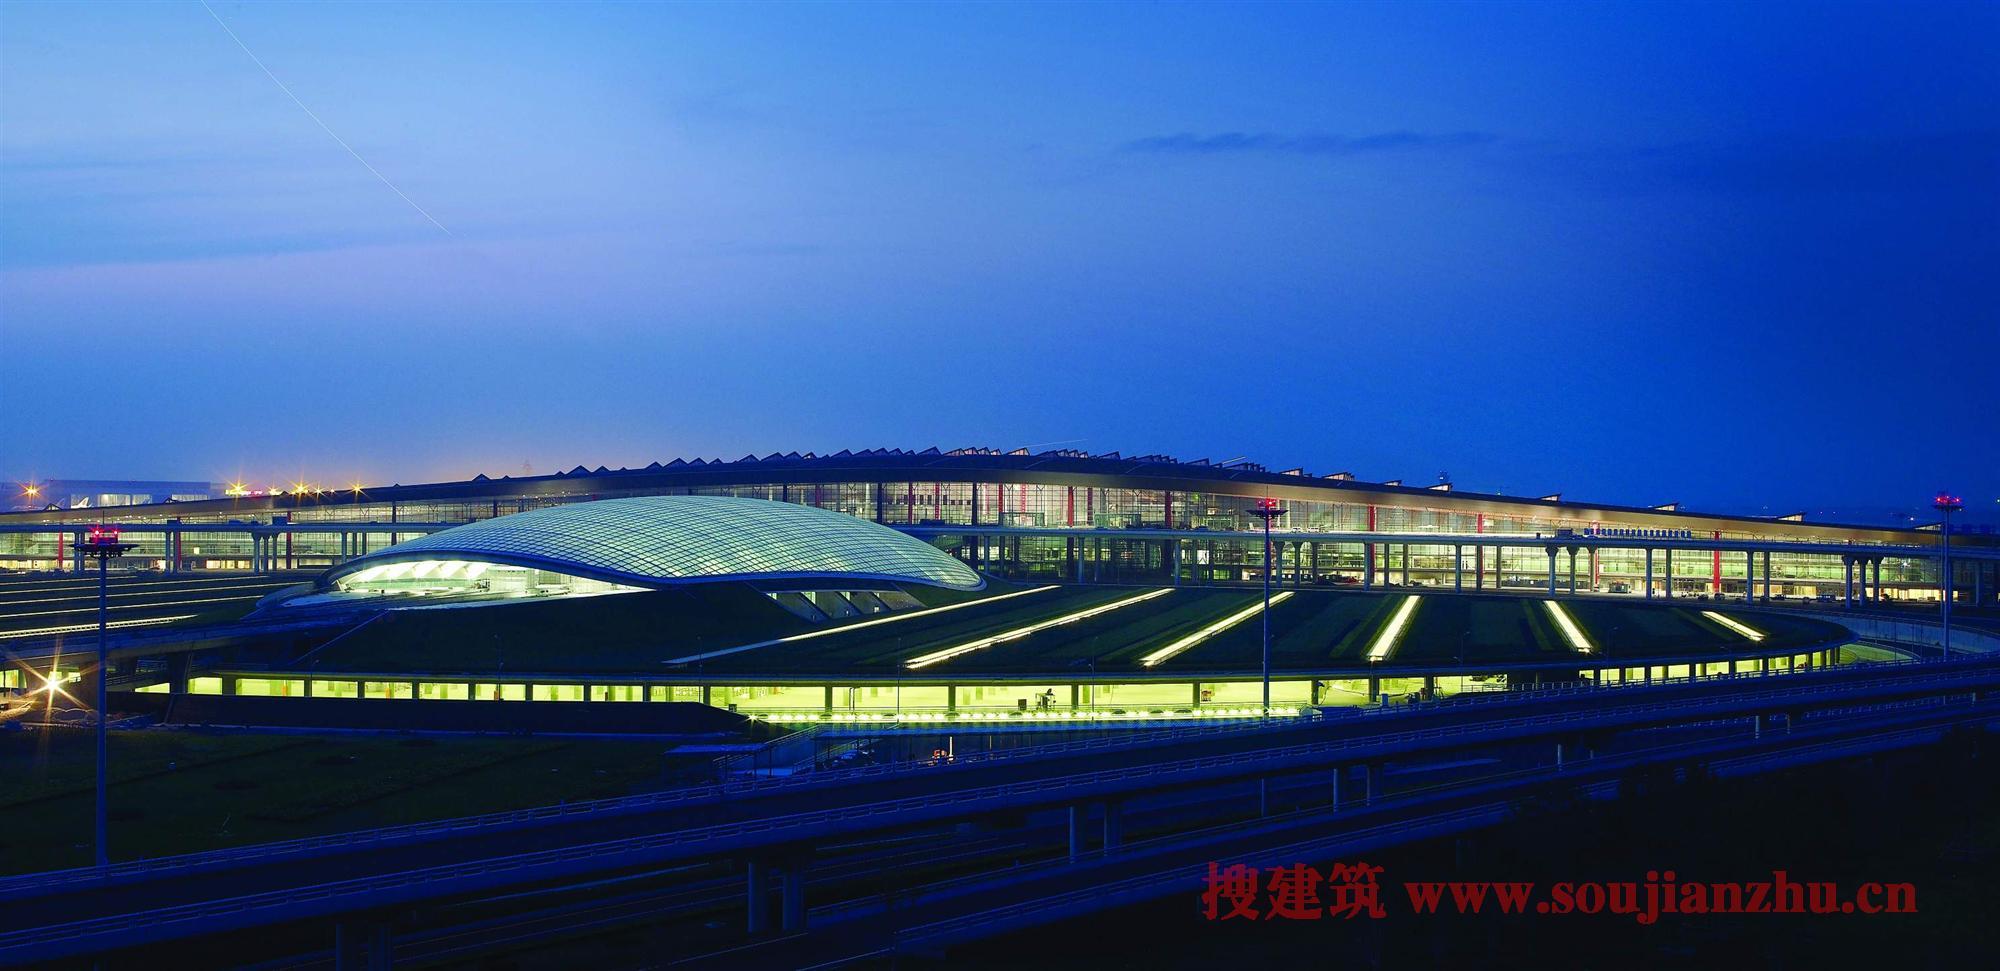 北京·首都国际机场第3航站楼